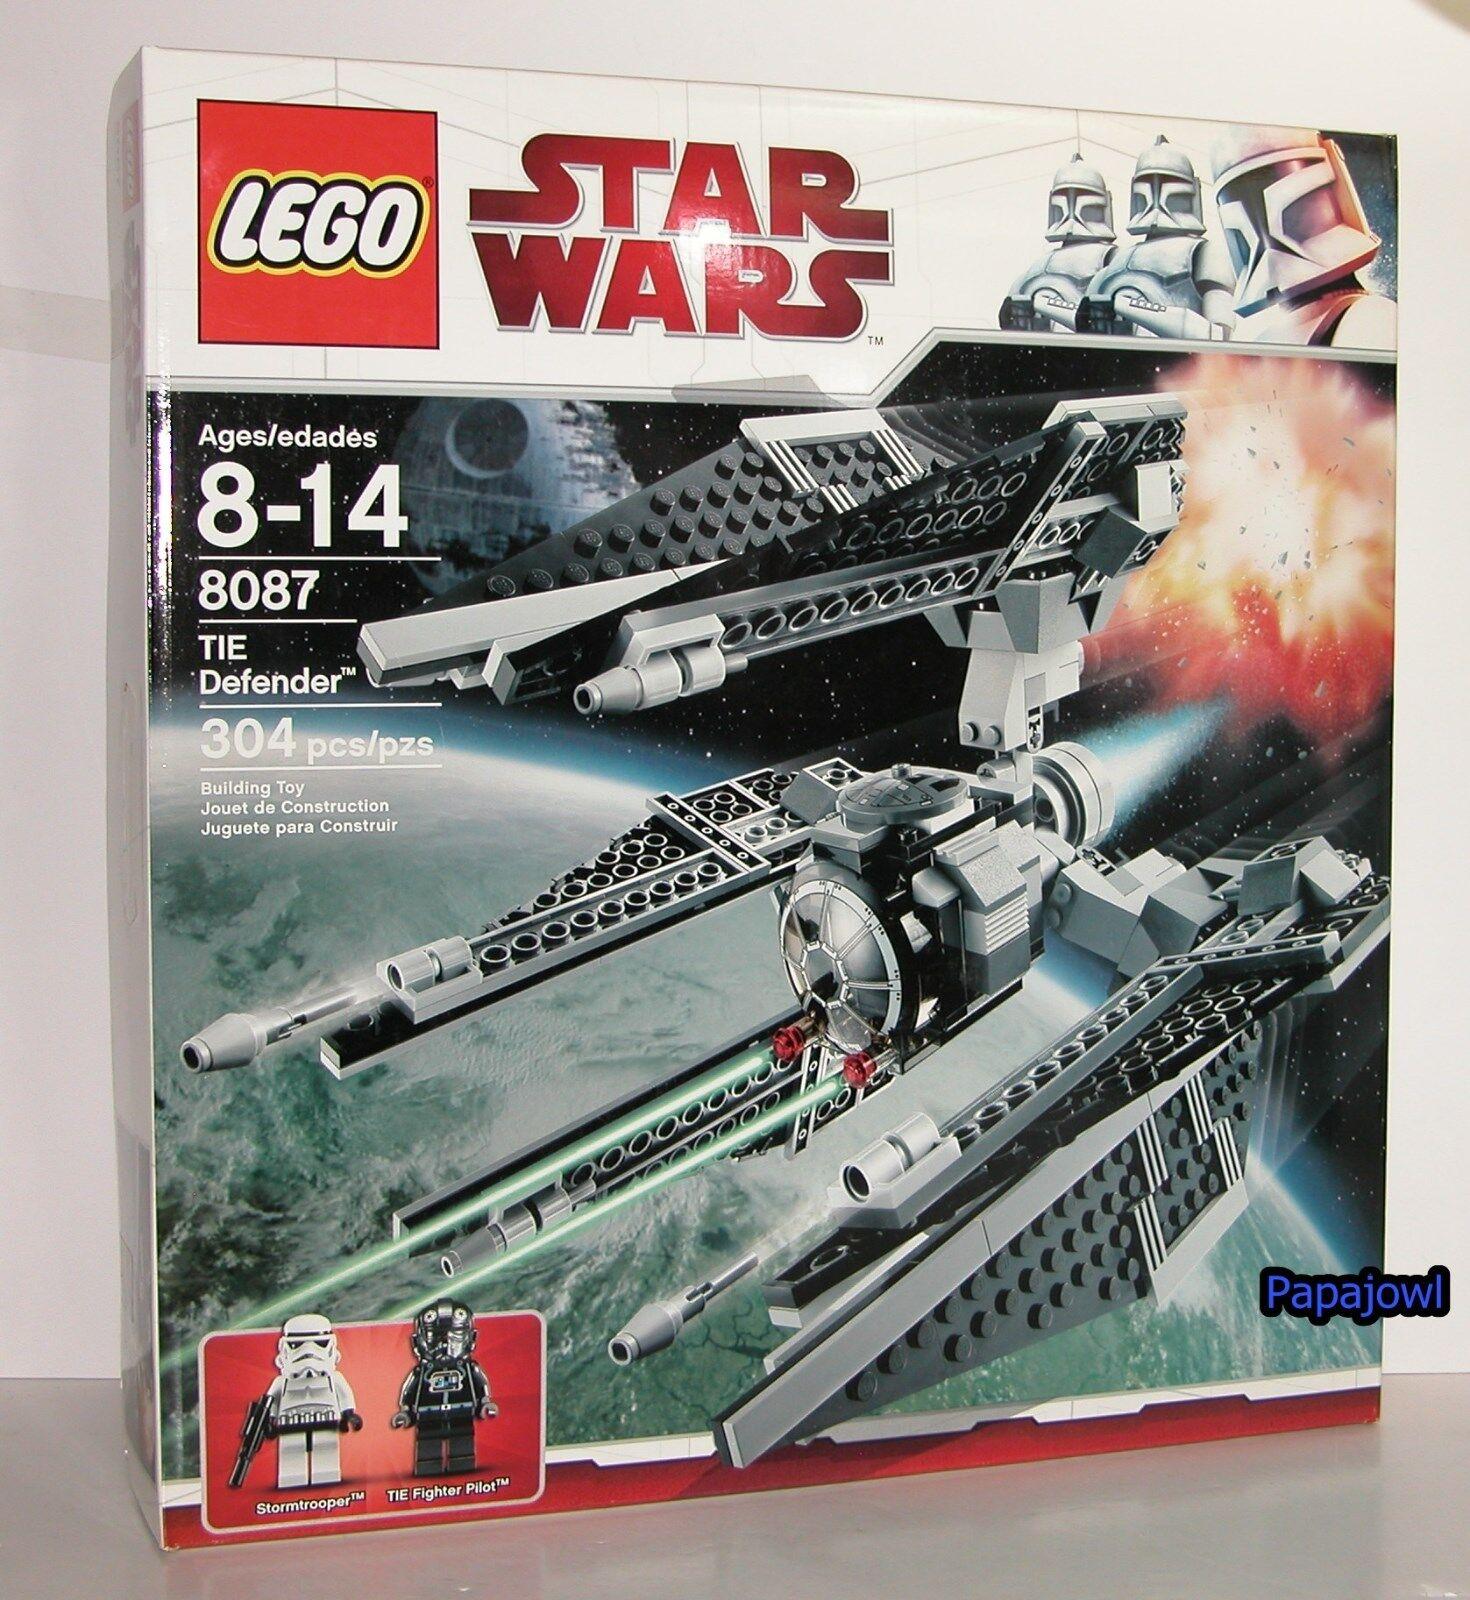 LEGO estrella guerras 8087 TIE DEFENDER  combatiente Pilot 304 Pieces Stormtrooper nuovo  all'ingrosso a buon mercato